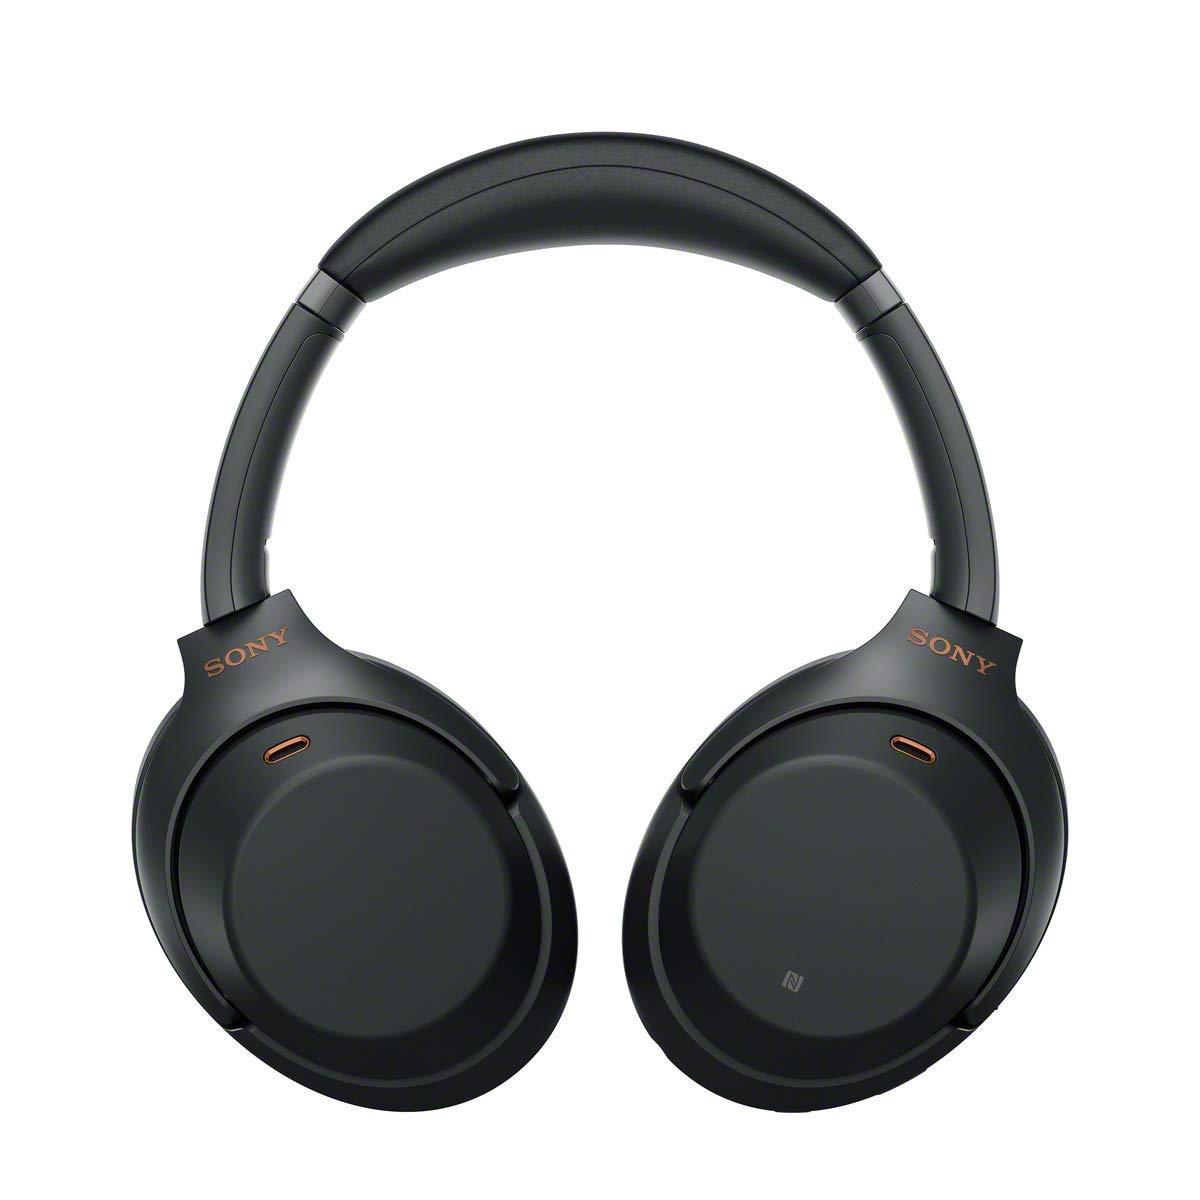 Sony WH-1000XM3 test